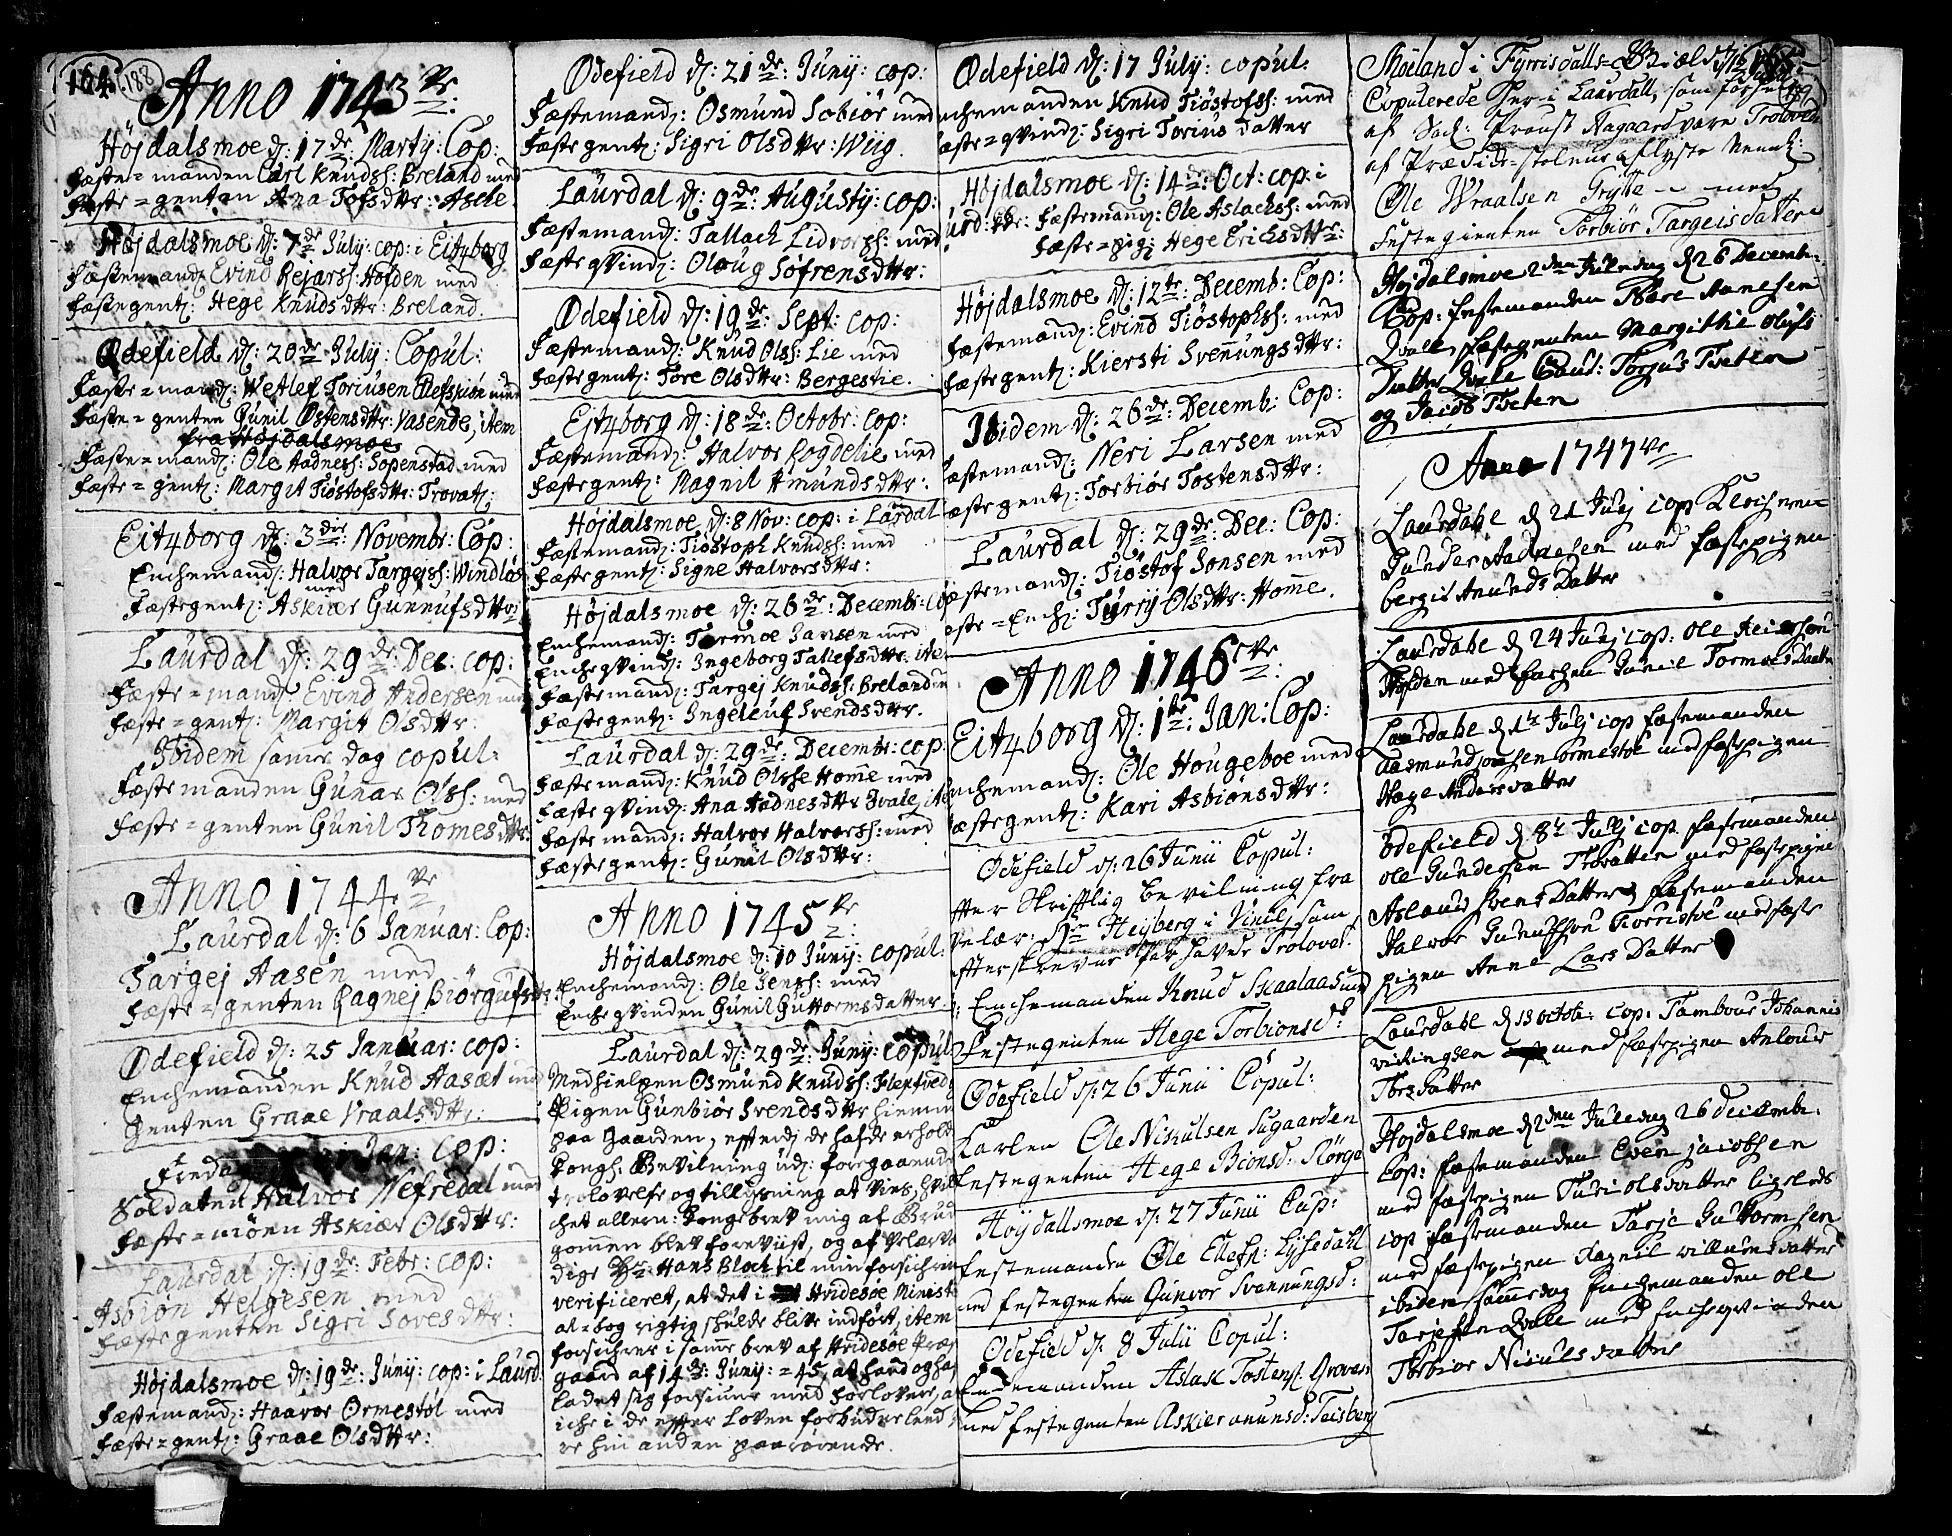 SAKO, Lårdal kirkebøker, F/Fa/L0002: Ministerialbok nr. I 2, 1734-1754, s. 188-189